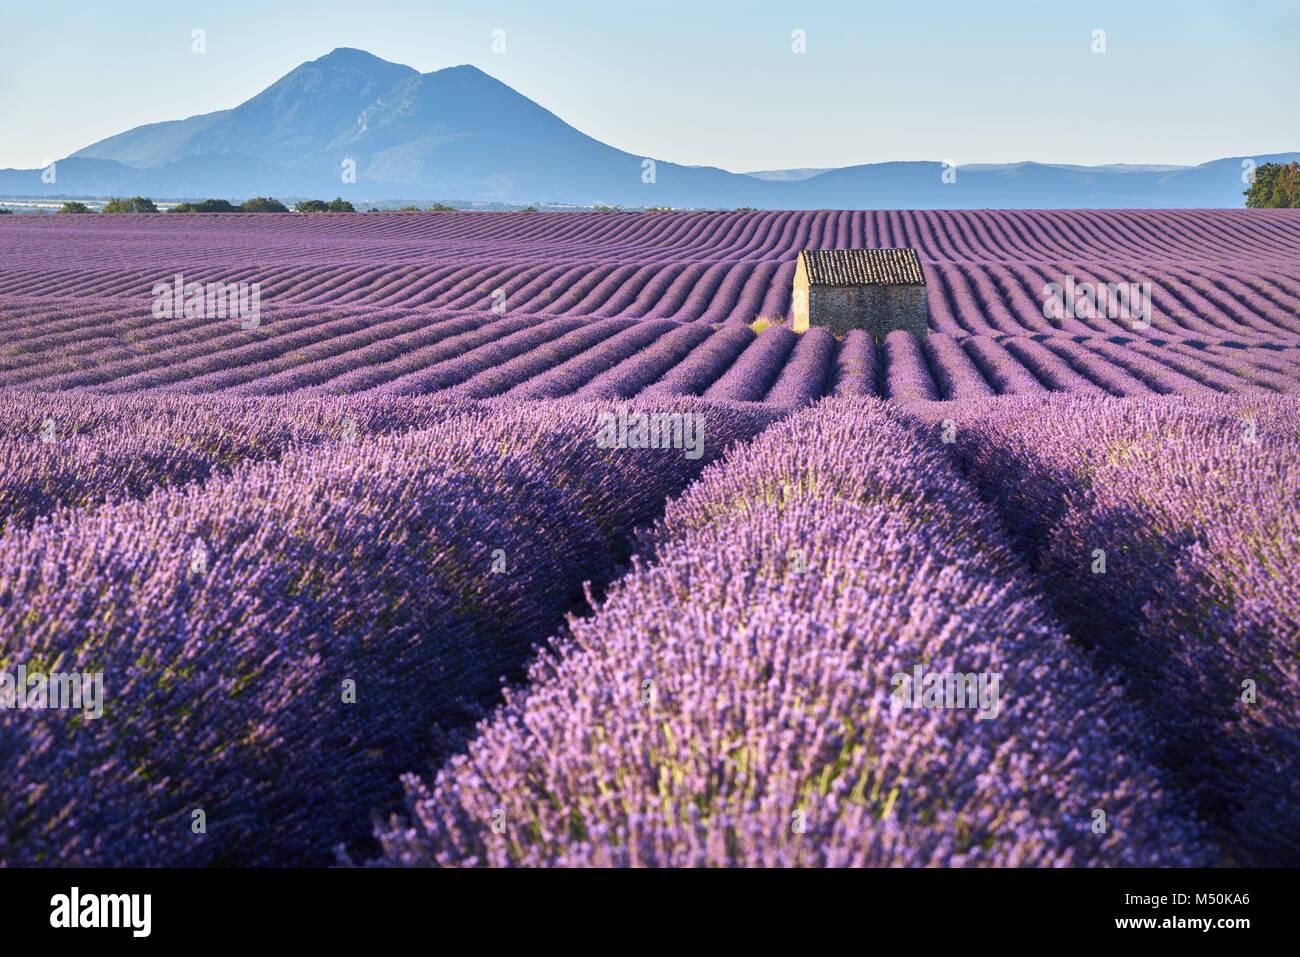 Lavendelfelder in Plateau de Valensole mit Stein Haus im Sommer. Alpes de Haute Provence, Region PACA, Frankreich Stockbild